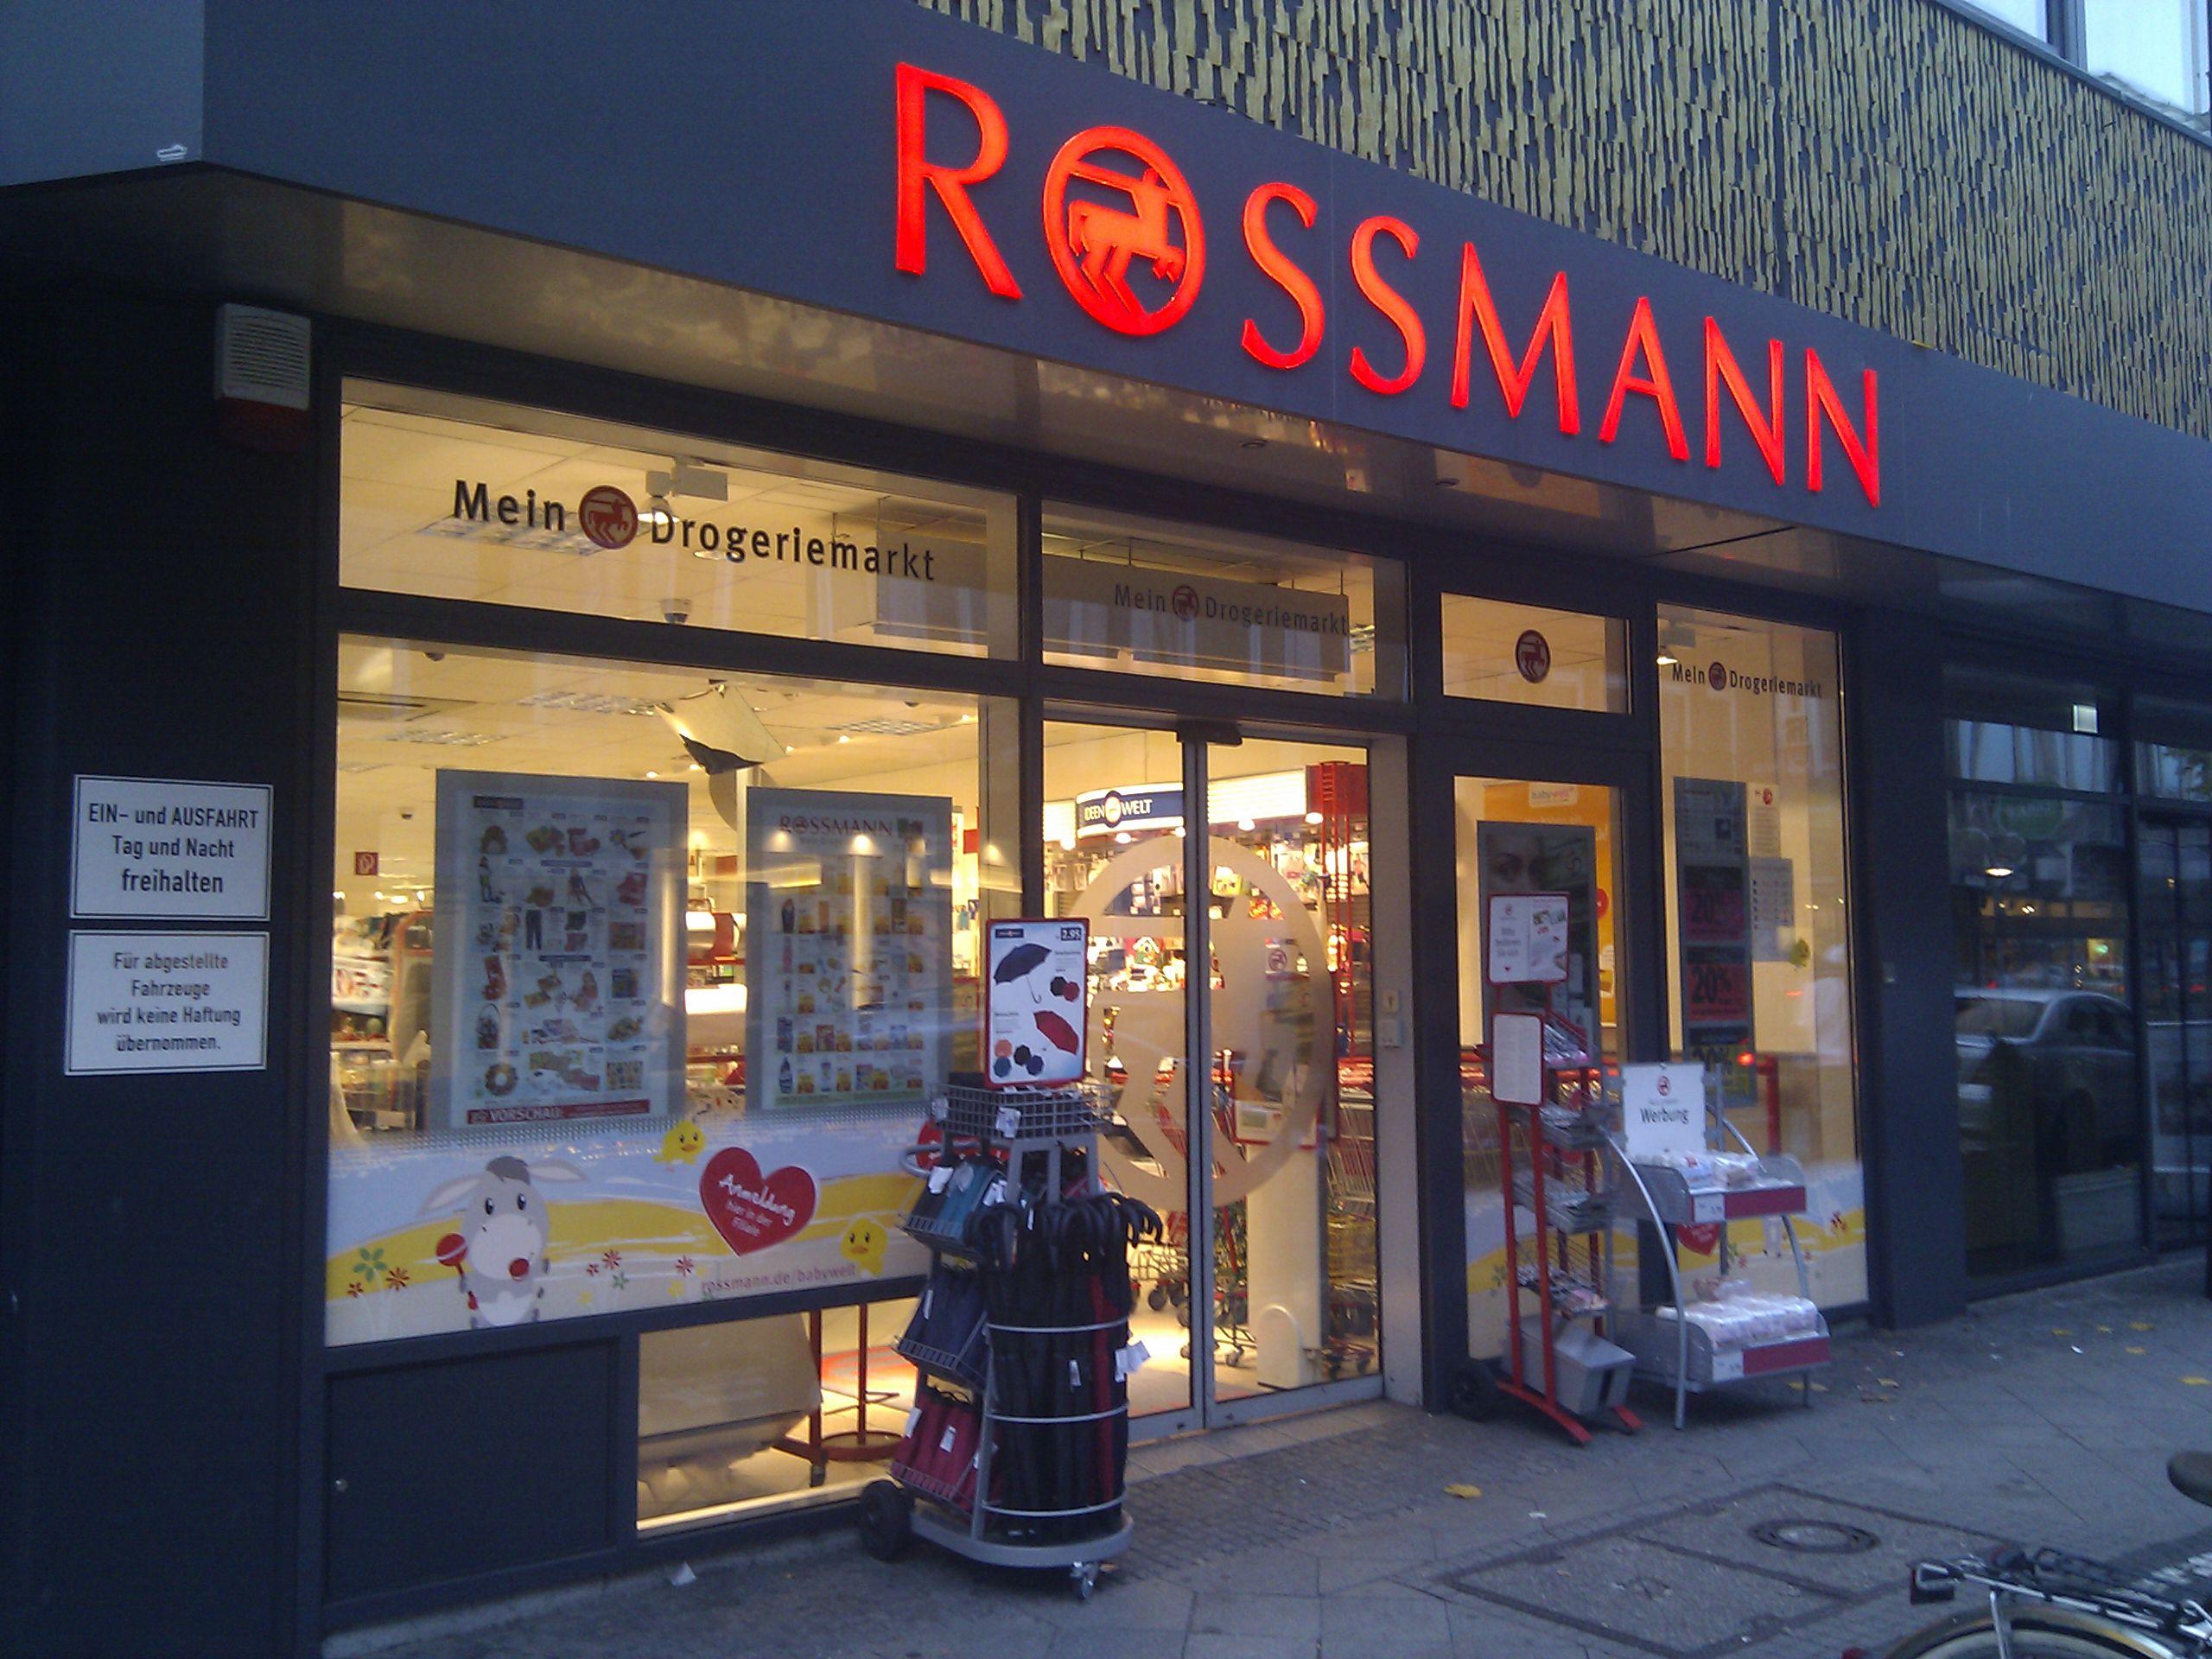 Rossmann przygotował gigantyczne promocje. Trzeba się śpieszyć, klienci będą walić drzwiami i okami